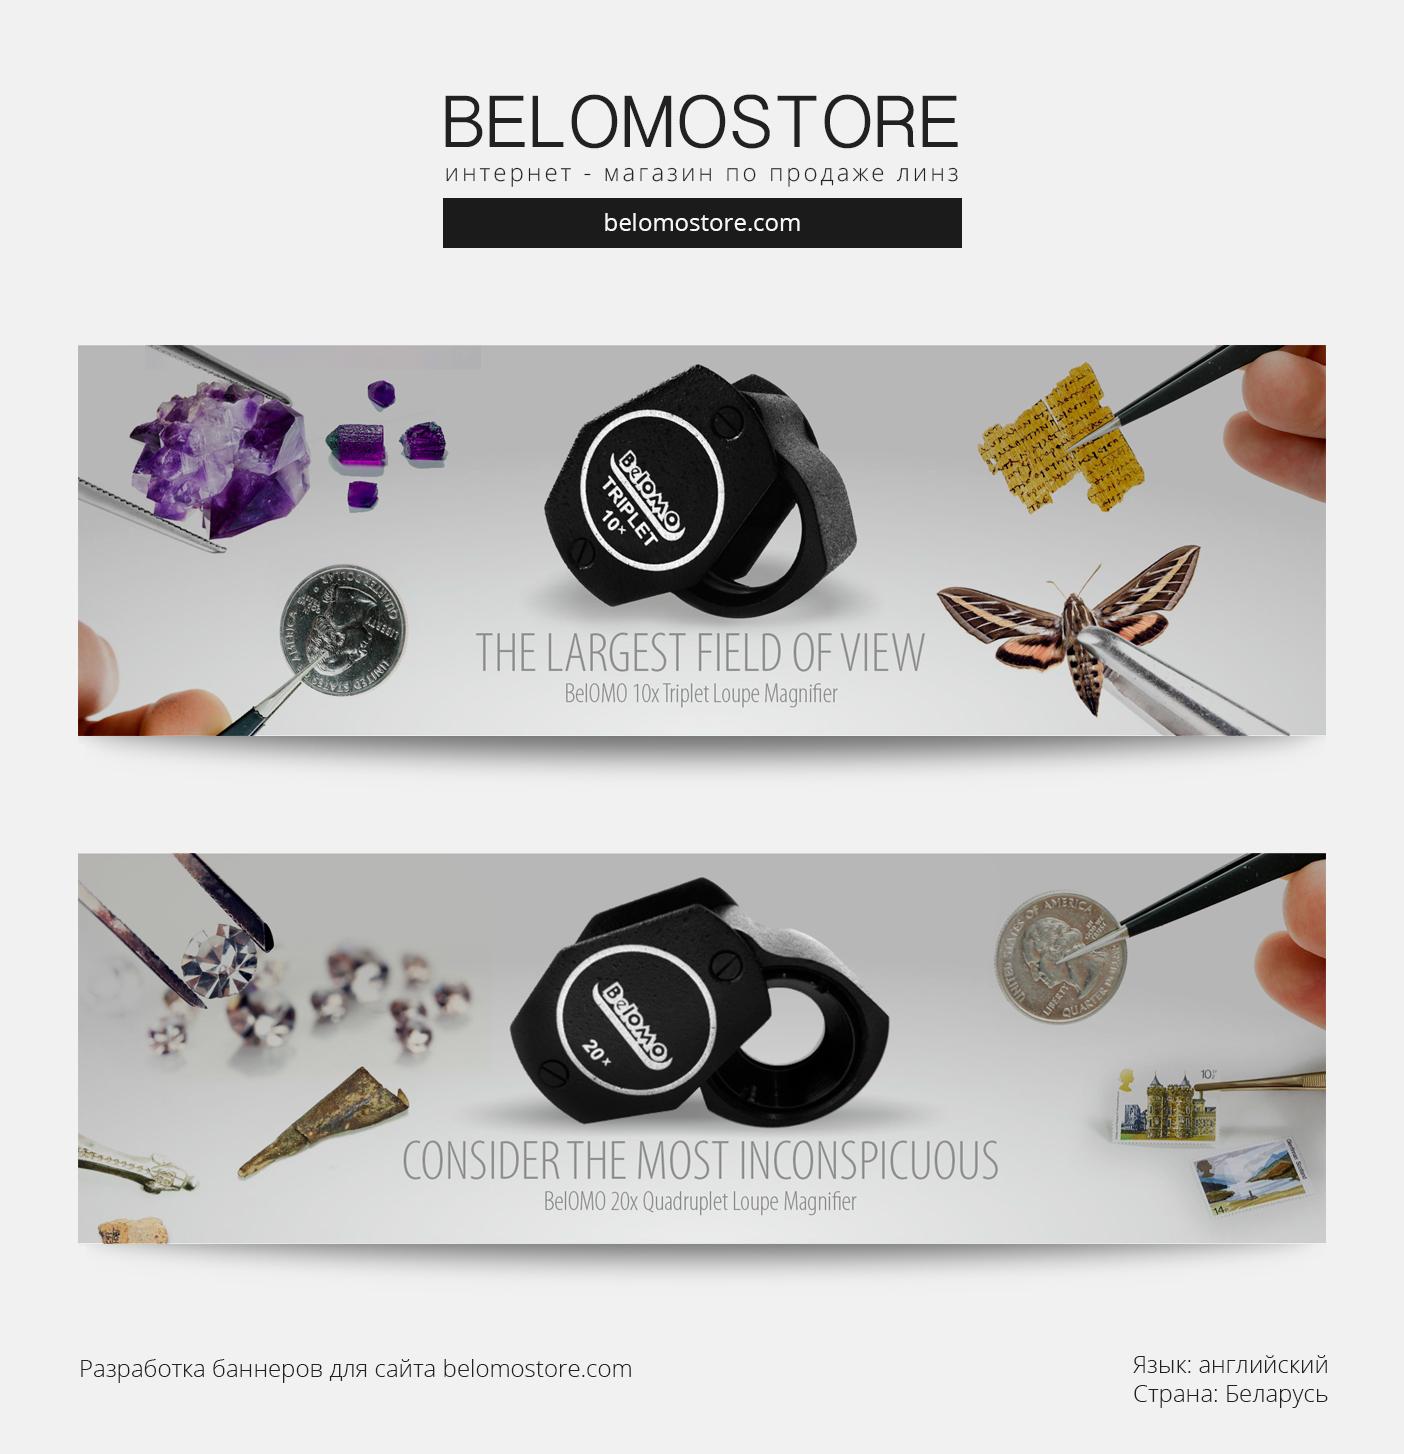 Баннер для сайта belomostore.com